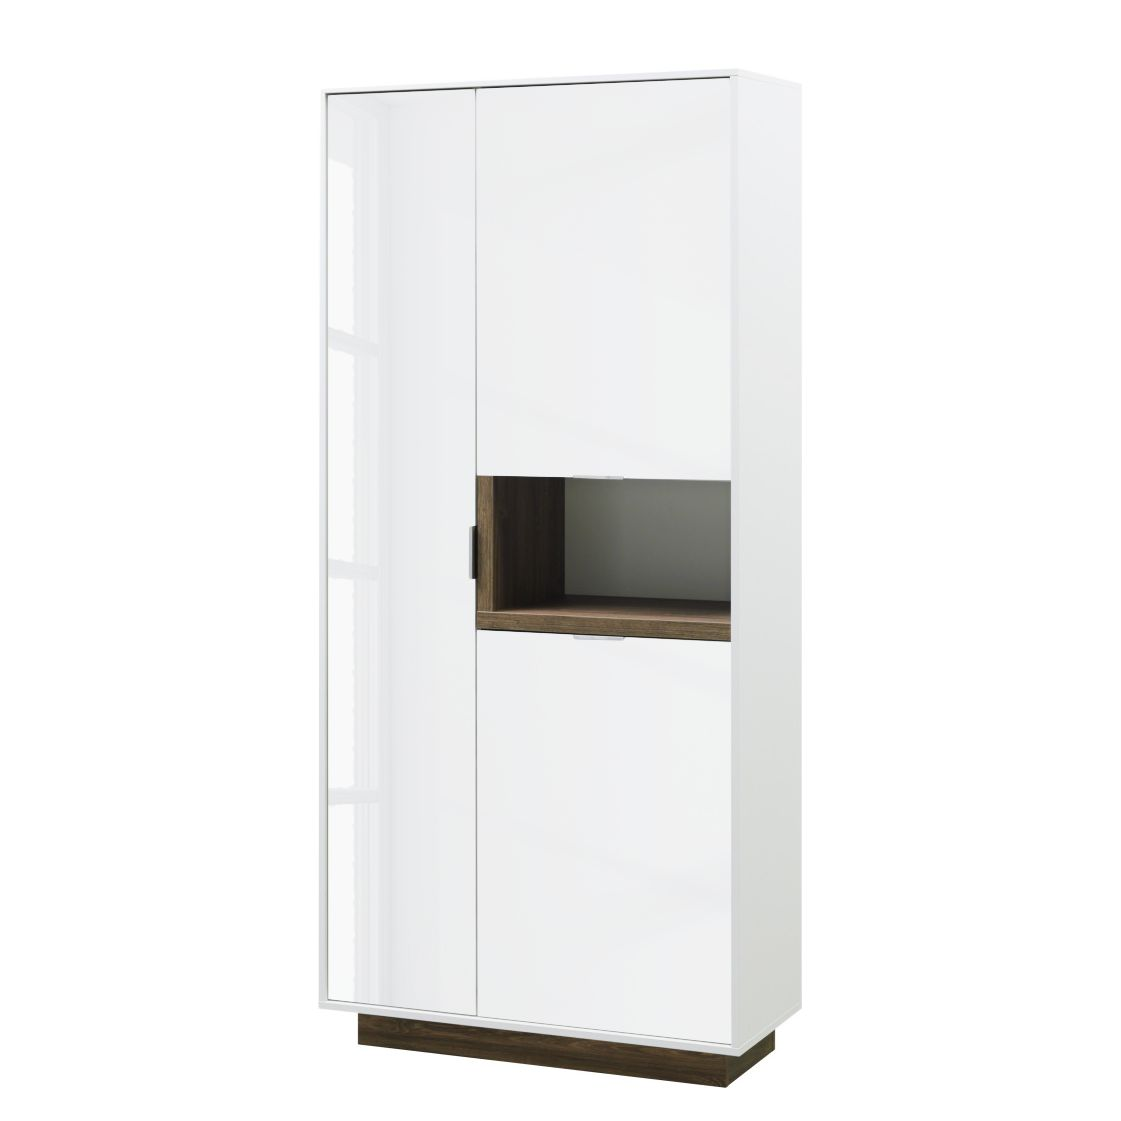 Armoire My Ell - Blanc brillant / Imitation chêne de Stirling, Cs Schmal